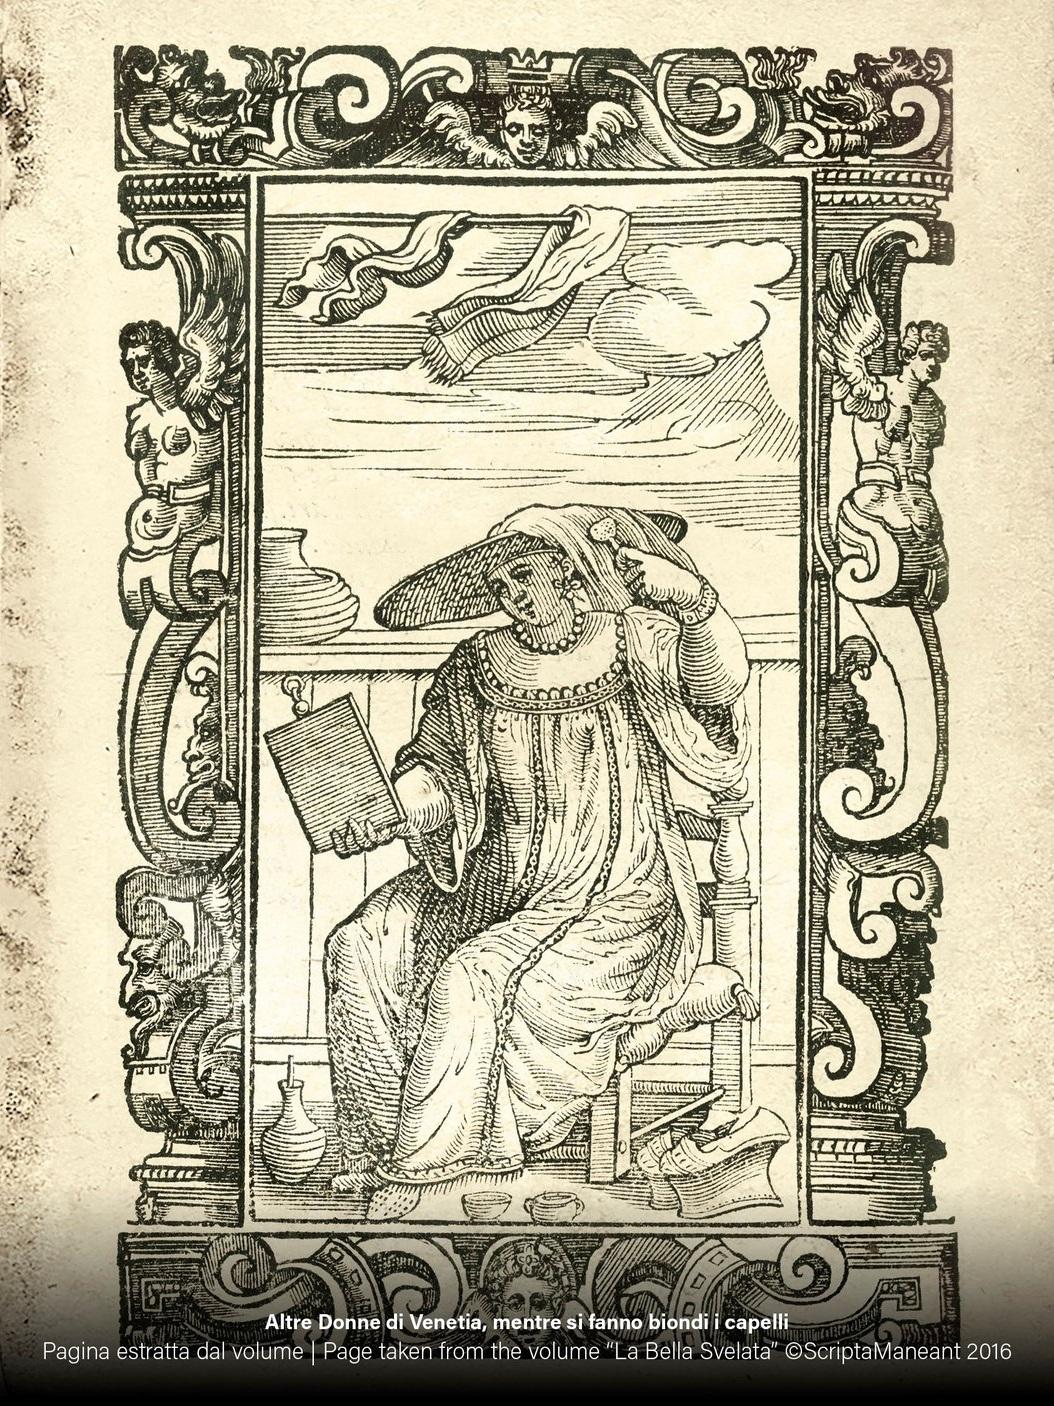 biondo+veneziano.jpg